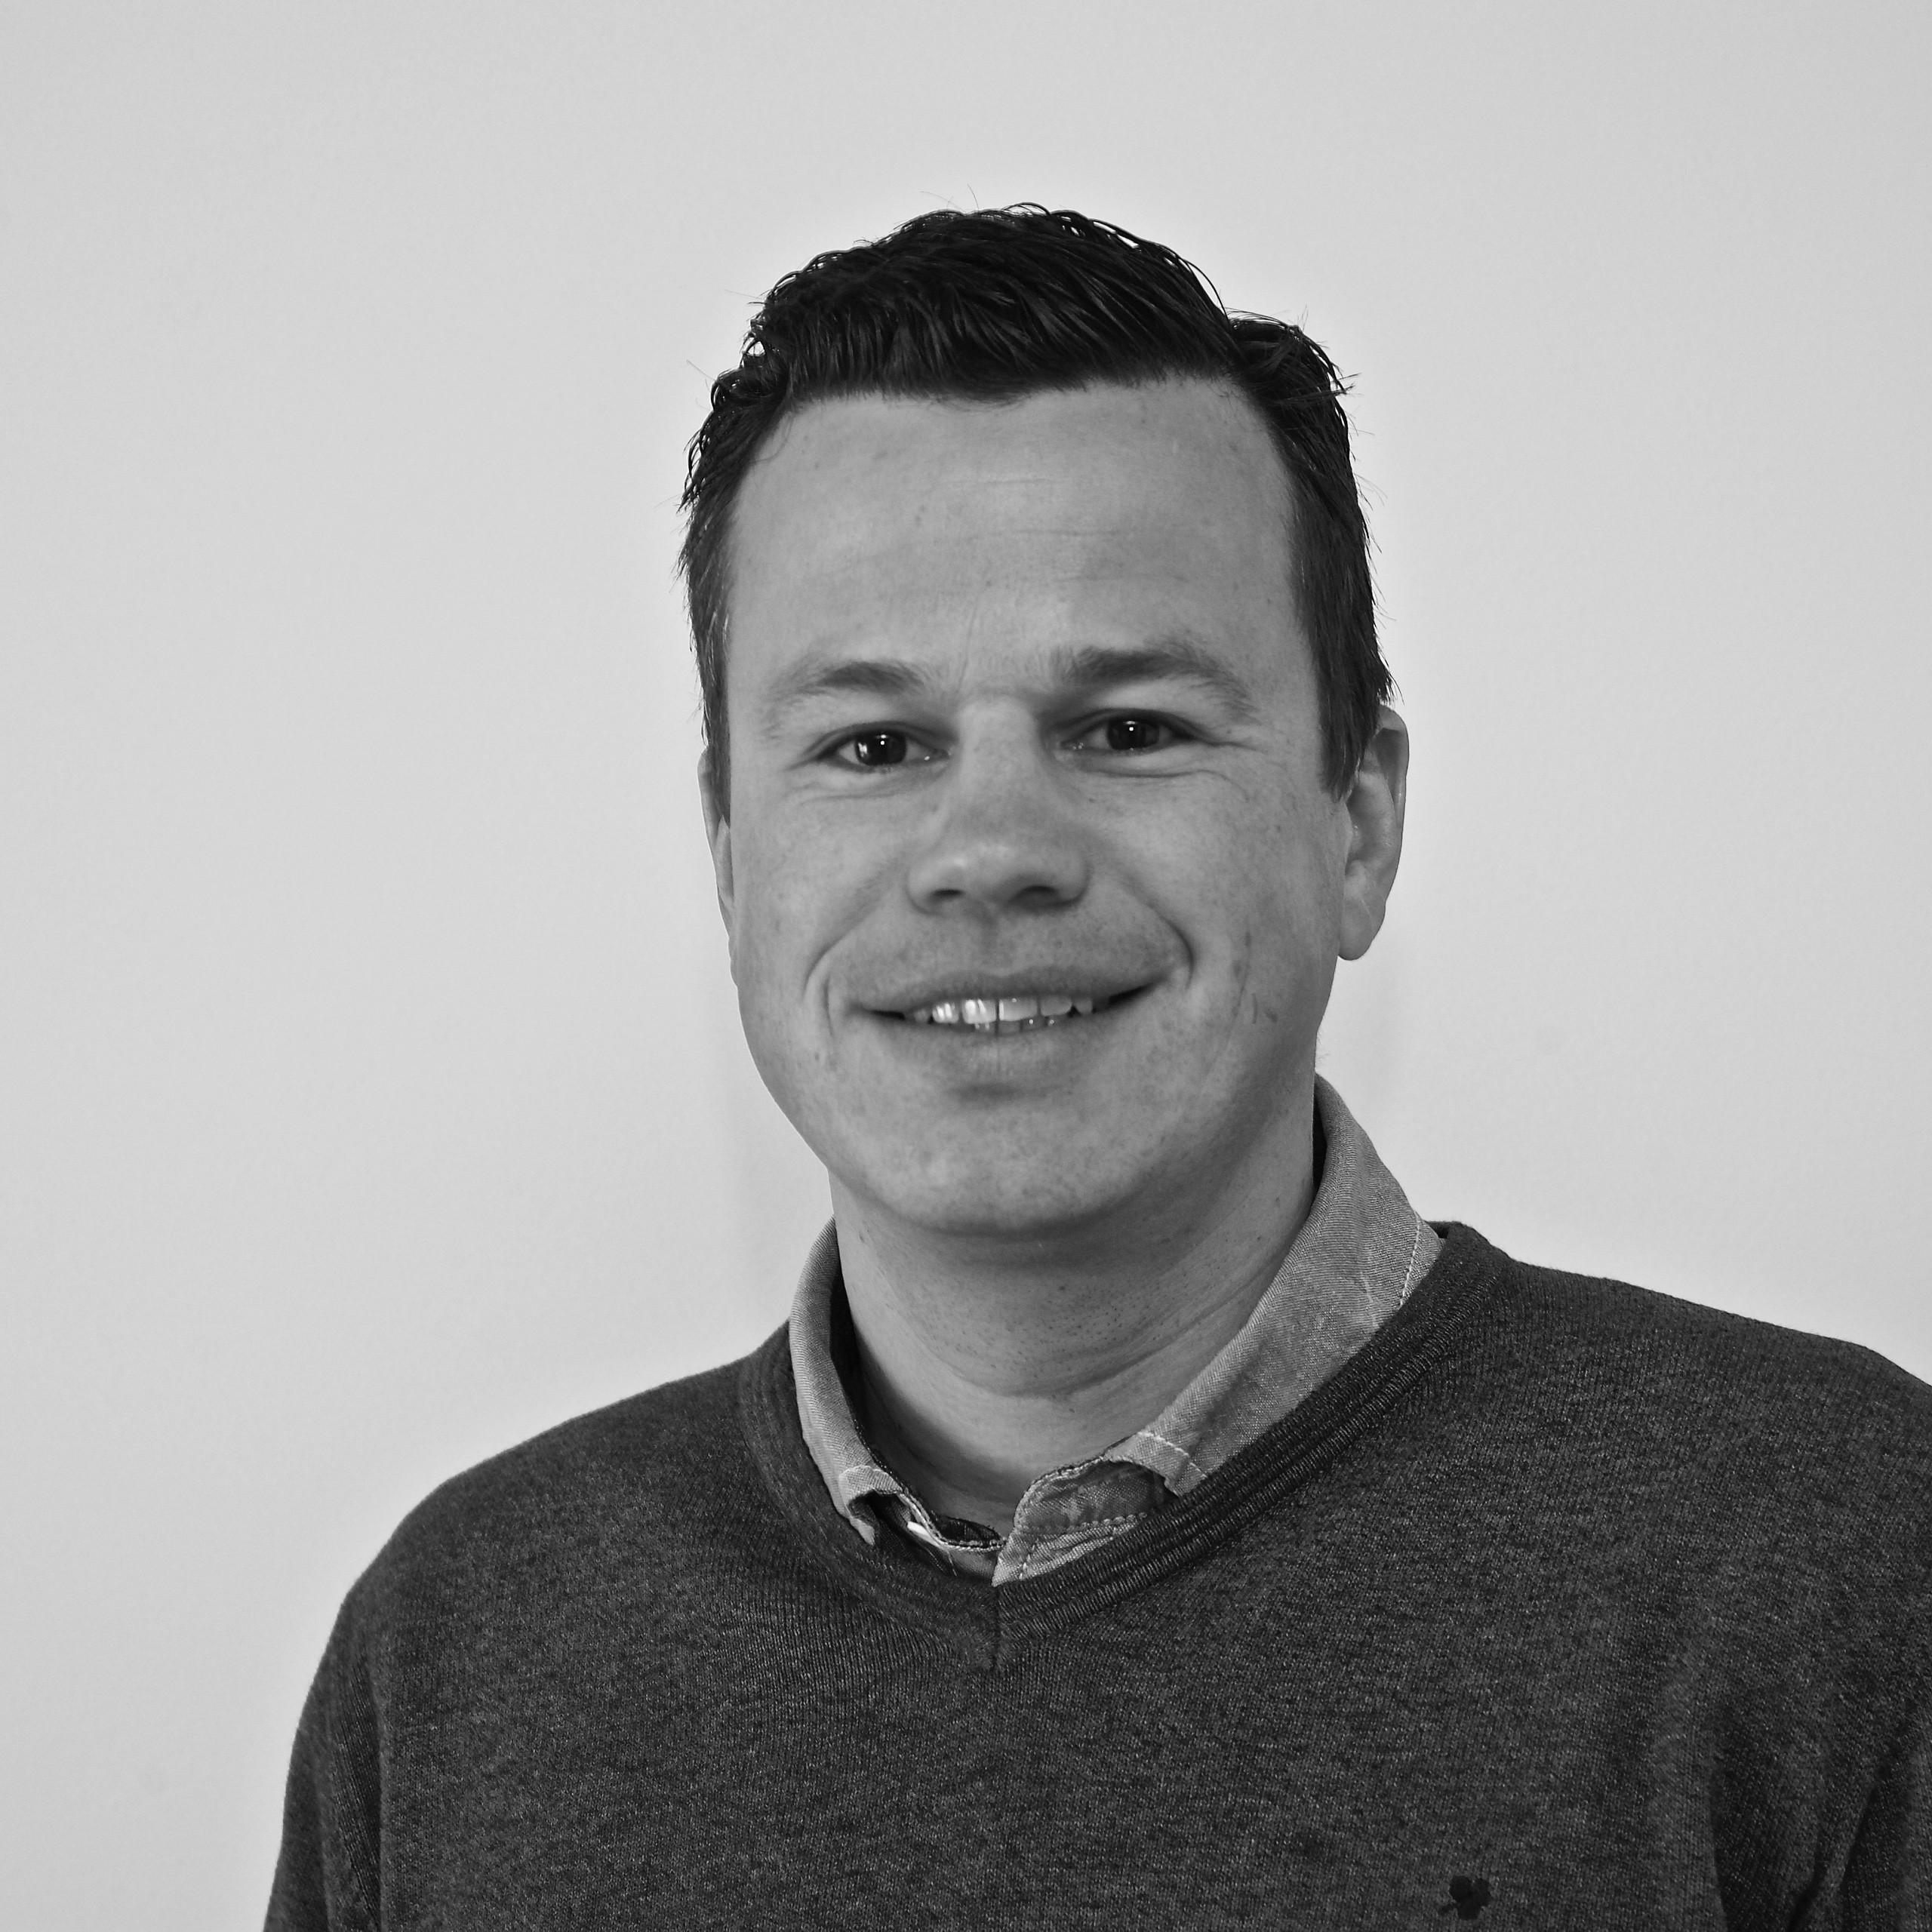 Geert Vromman